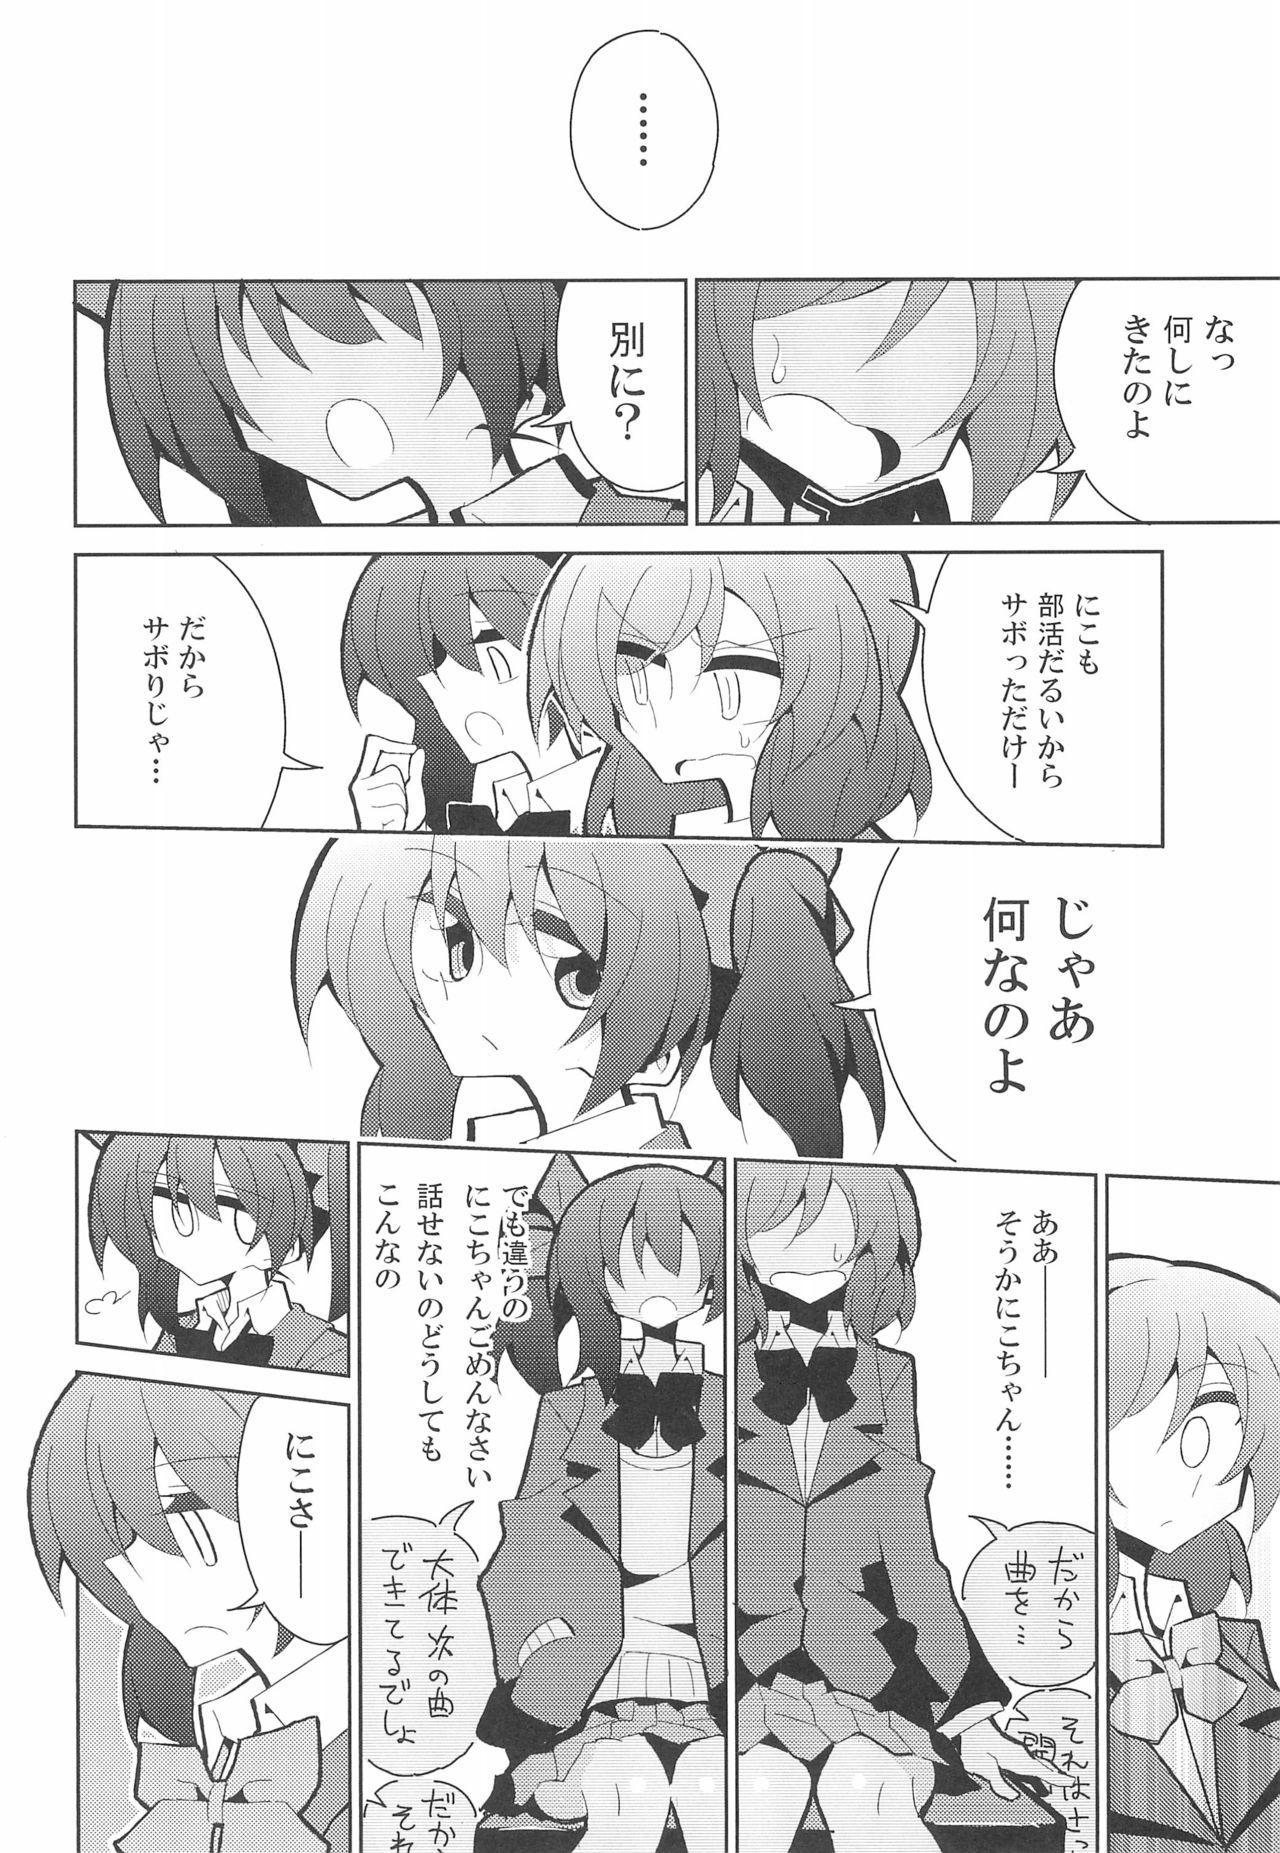 NicoMaki Futanari Sex 5